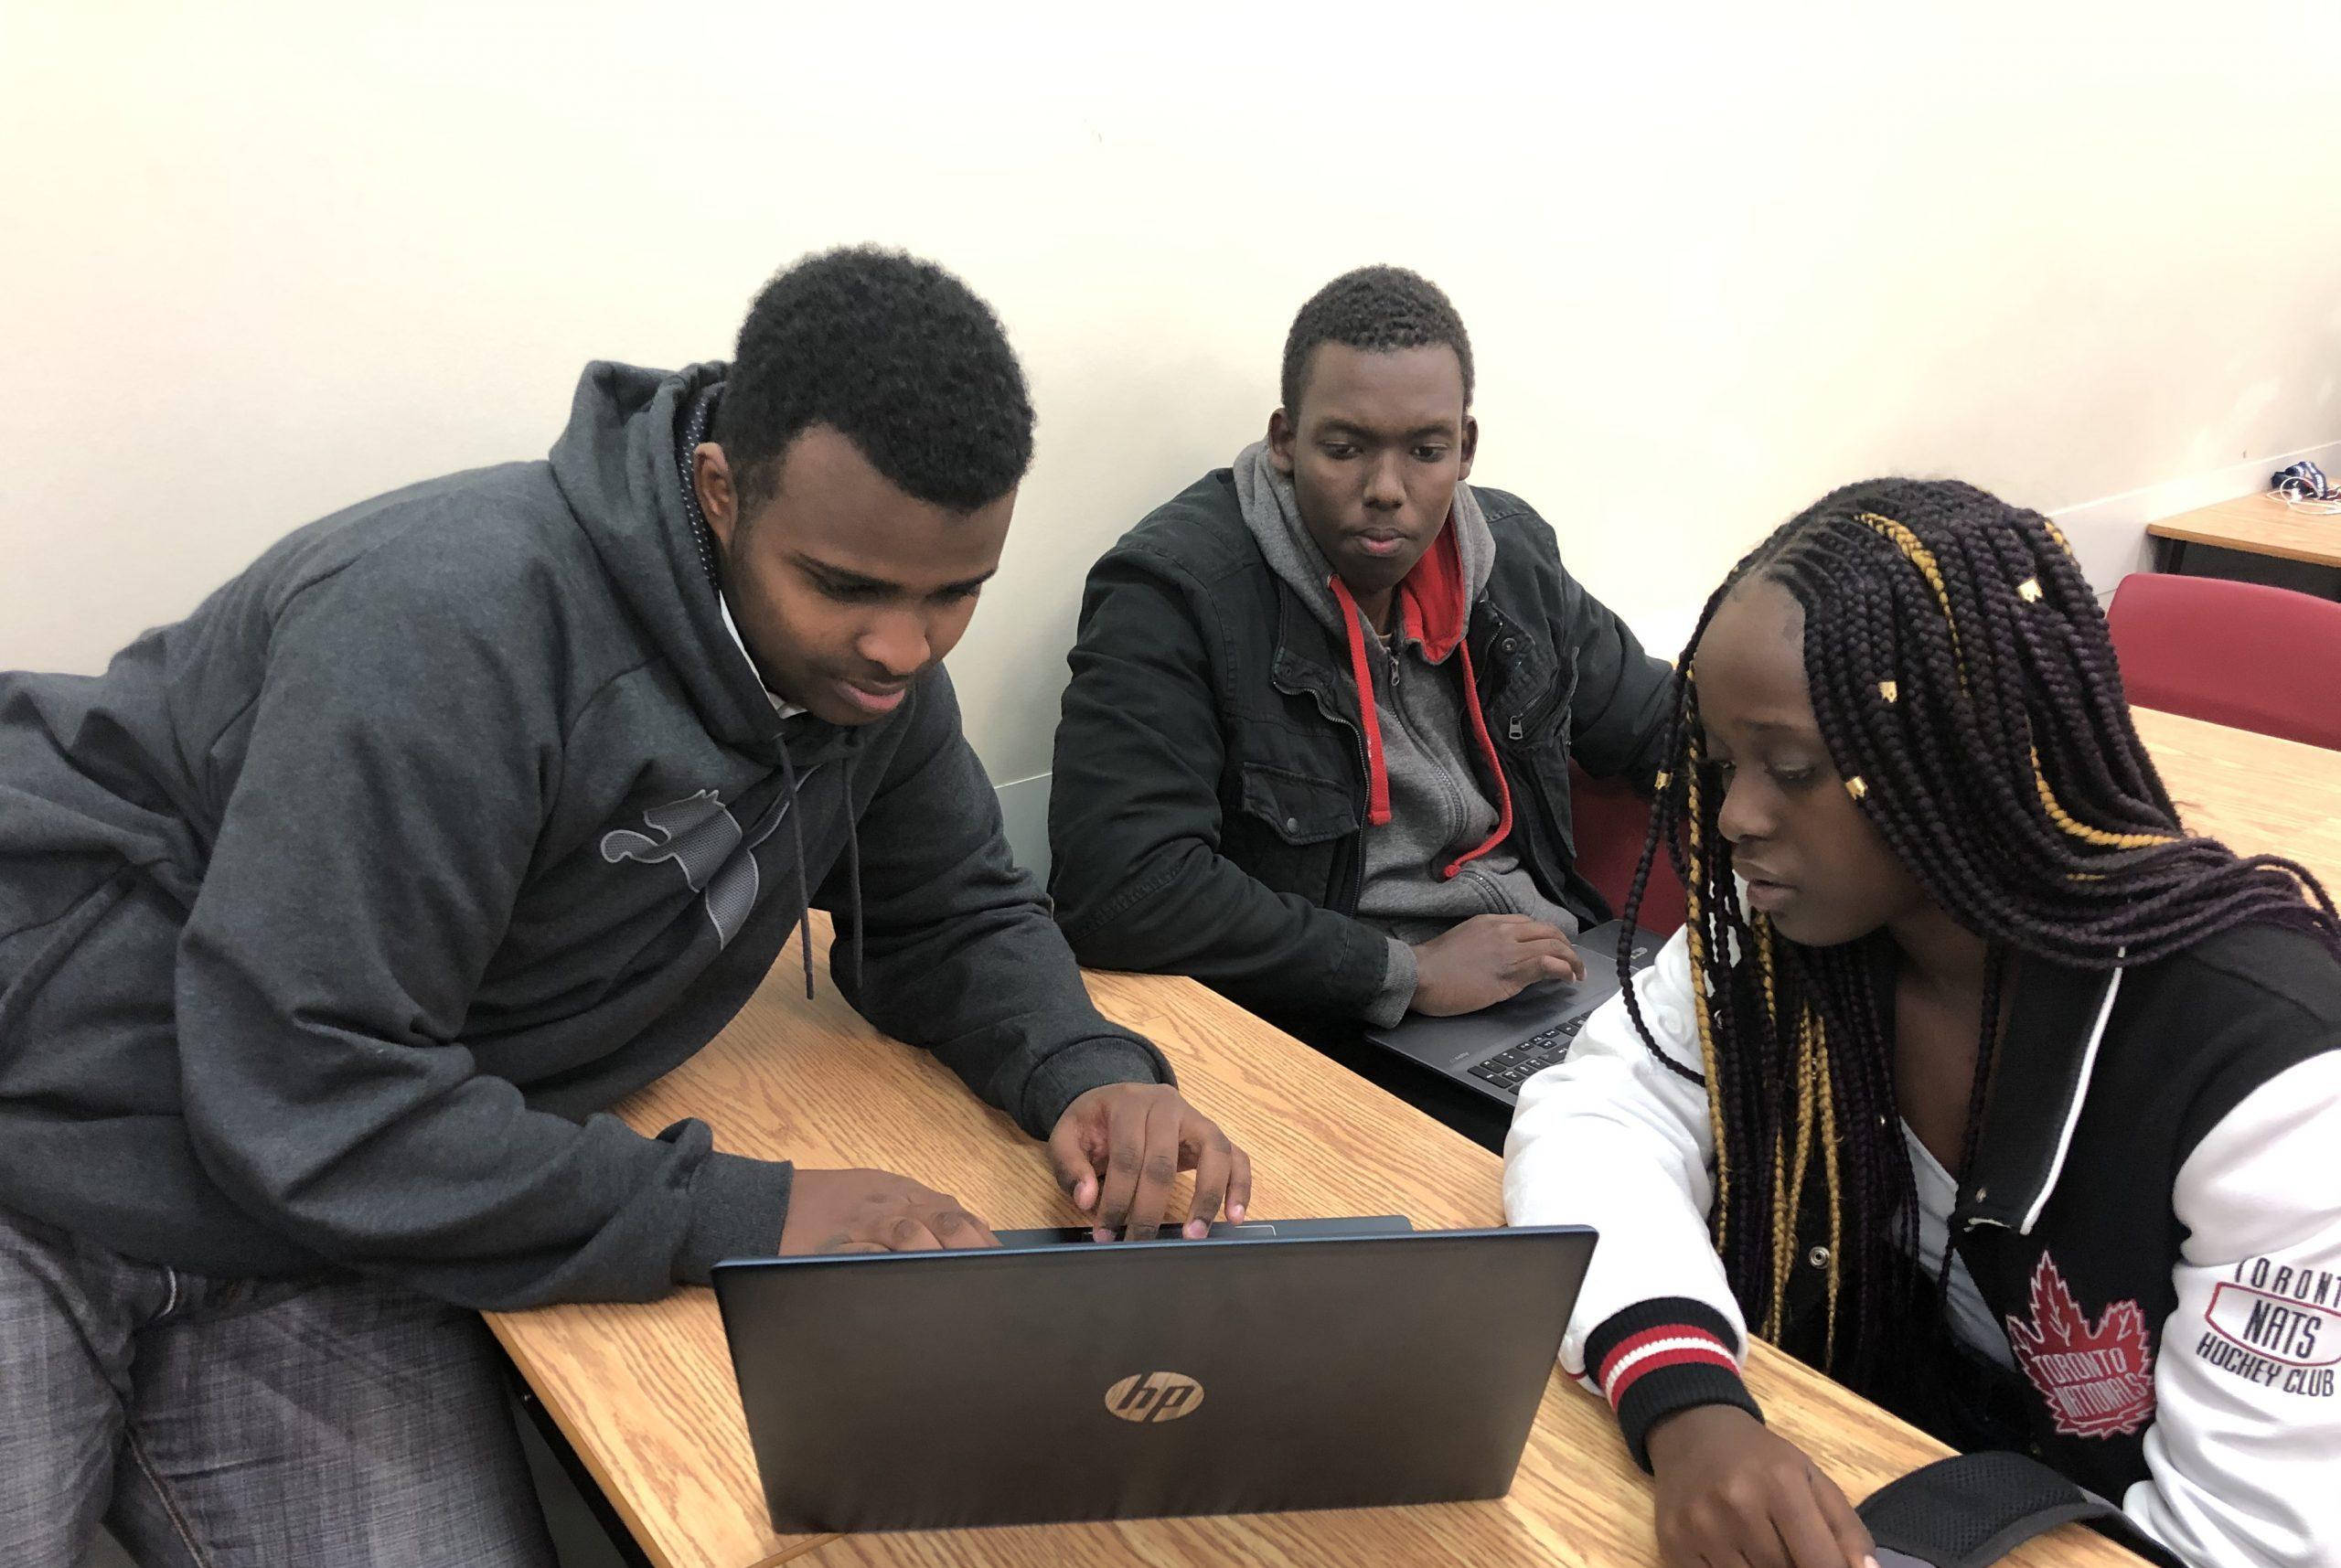 trois étudiants aux cheveux noirs regardent un ordinateur portable